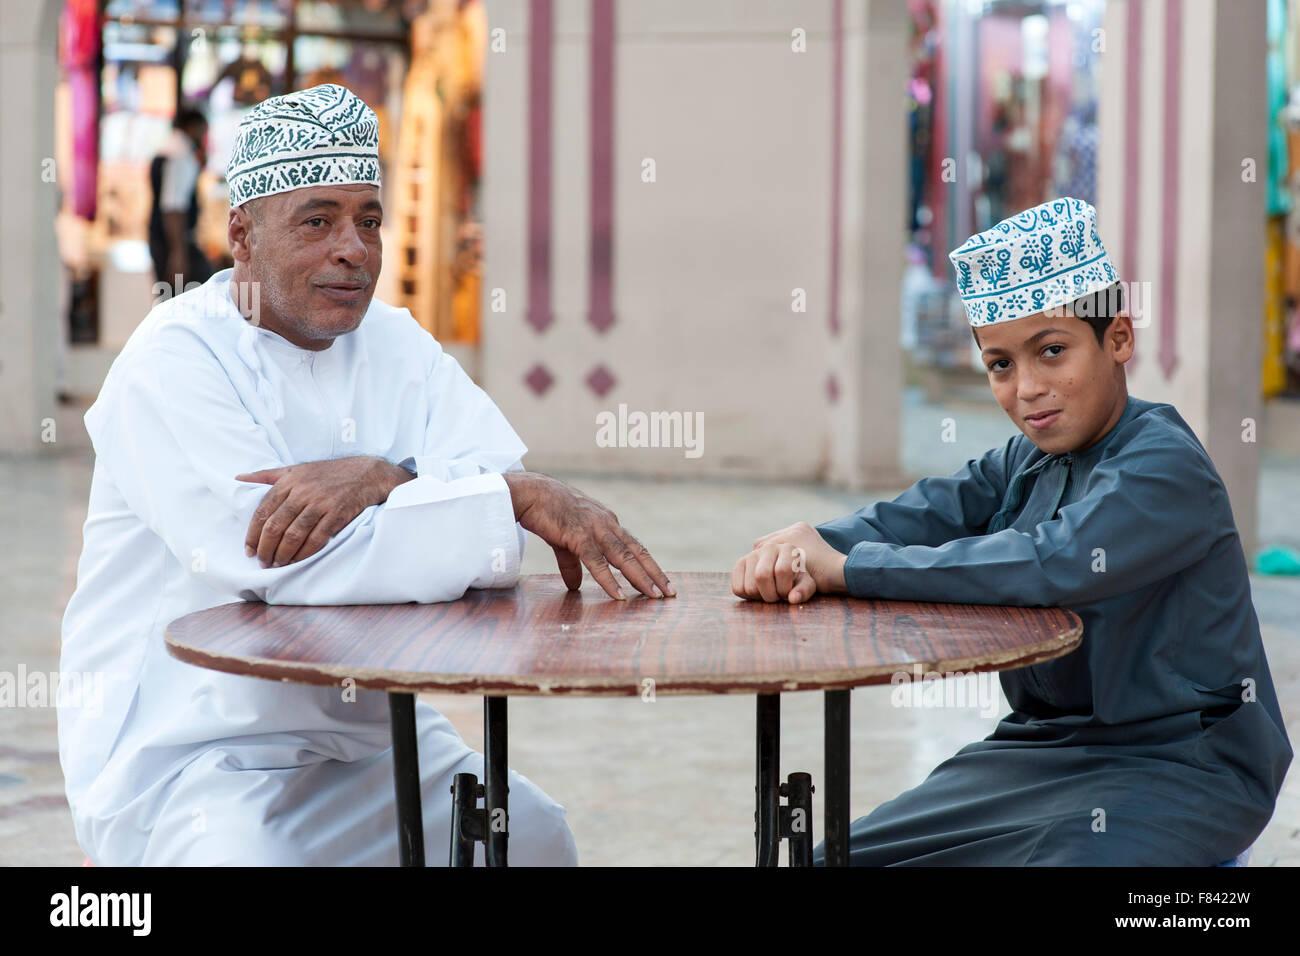 Hombre omaní y su hijo sentado fuera del zoco Mutrah en Mascate, la capital del Sultanato de Omán. Imagen De Stock